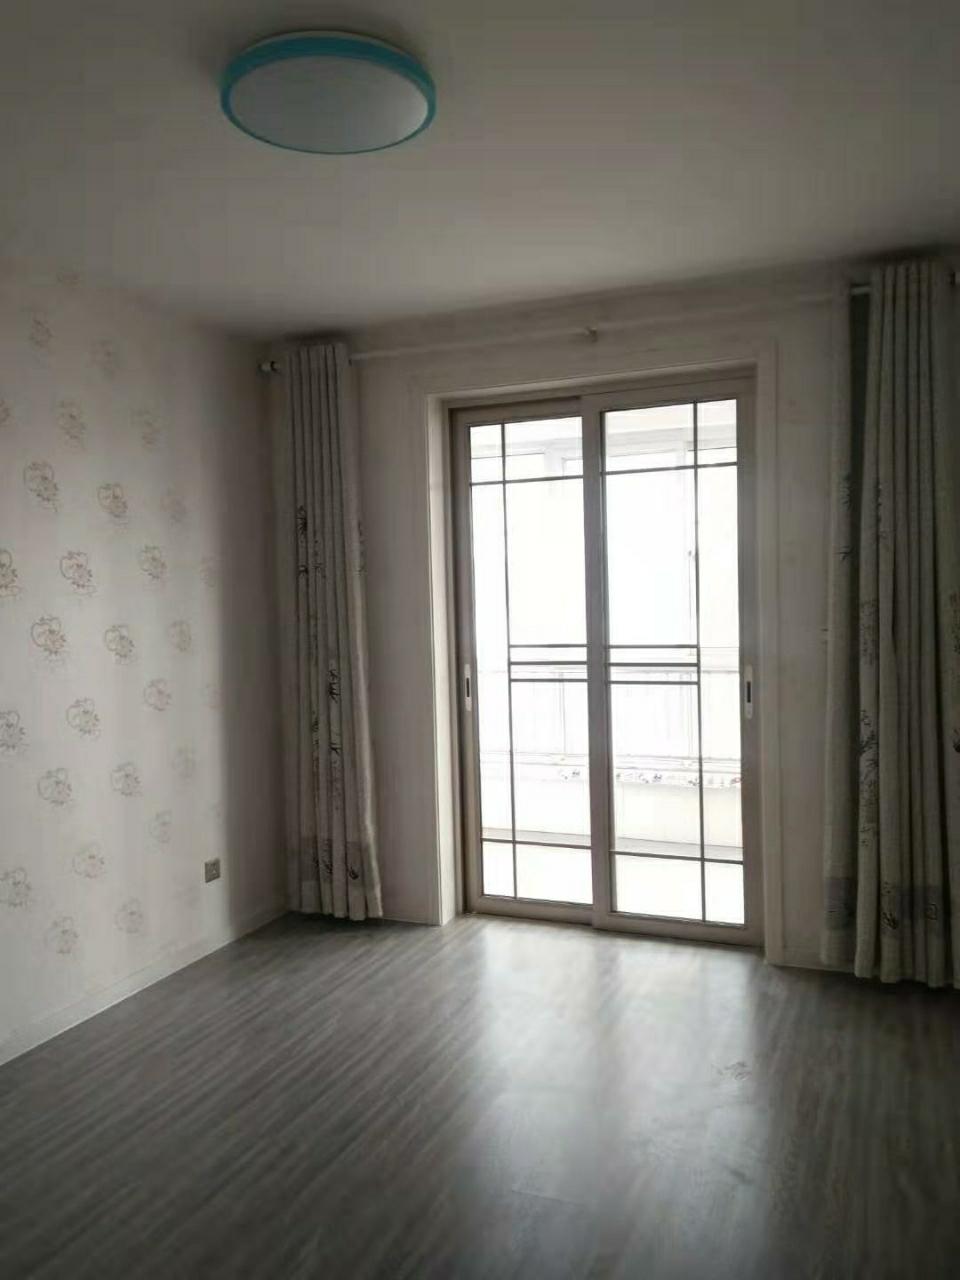 安泰家苑3室 2厅 1卫40.5万元